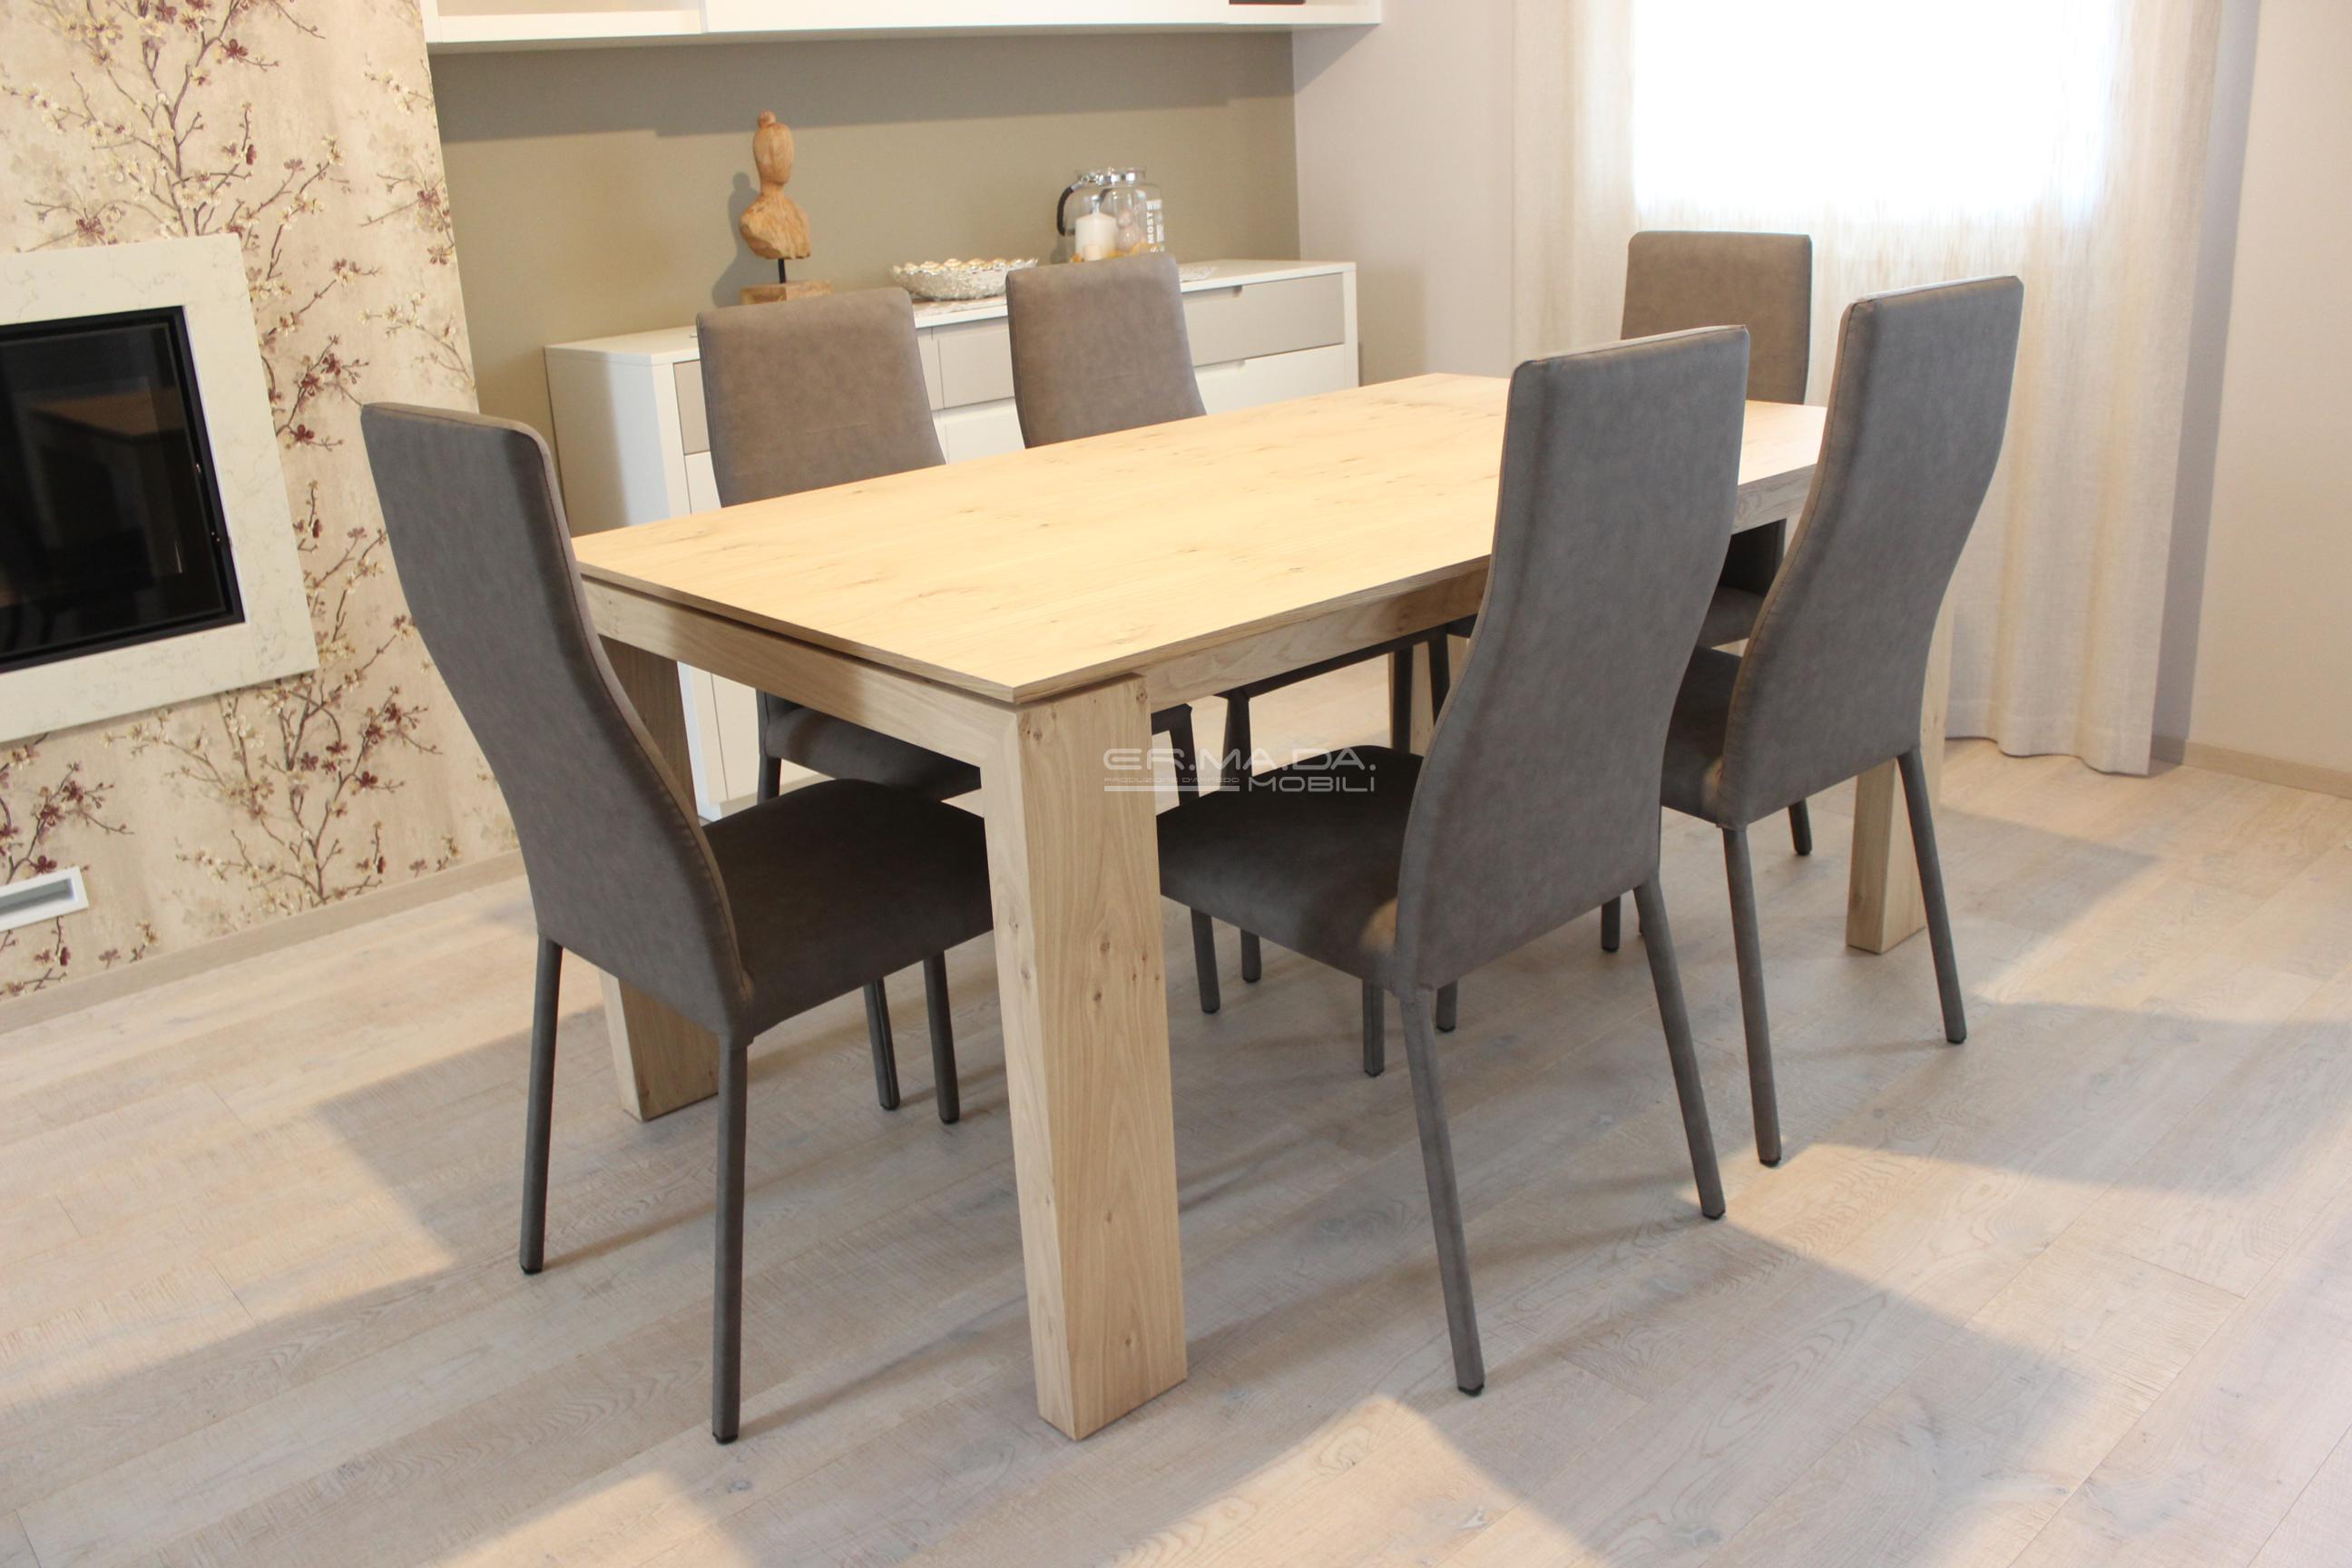 20 tavolo allungabile in rovere nodato naturalizzato er - Meccanismo per tavolo allungabile ...